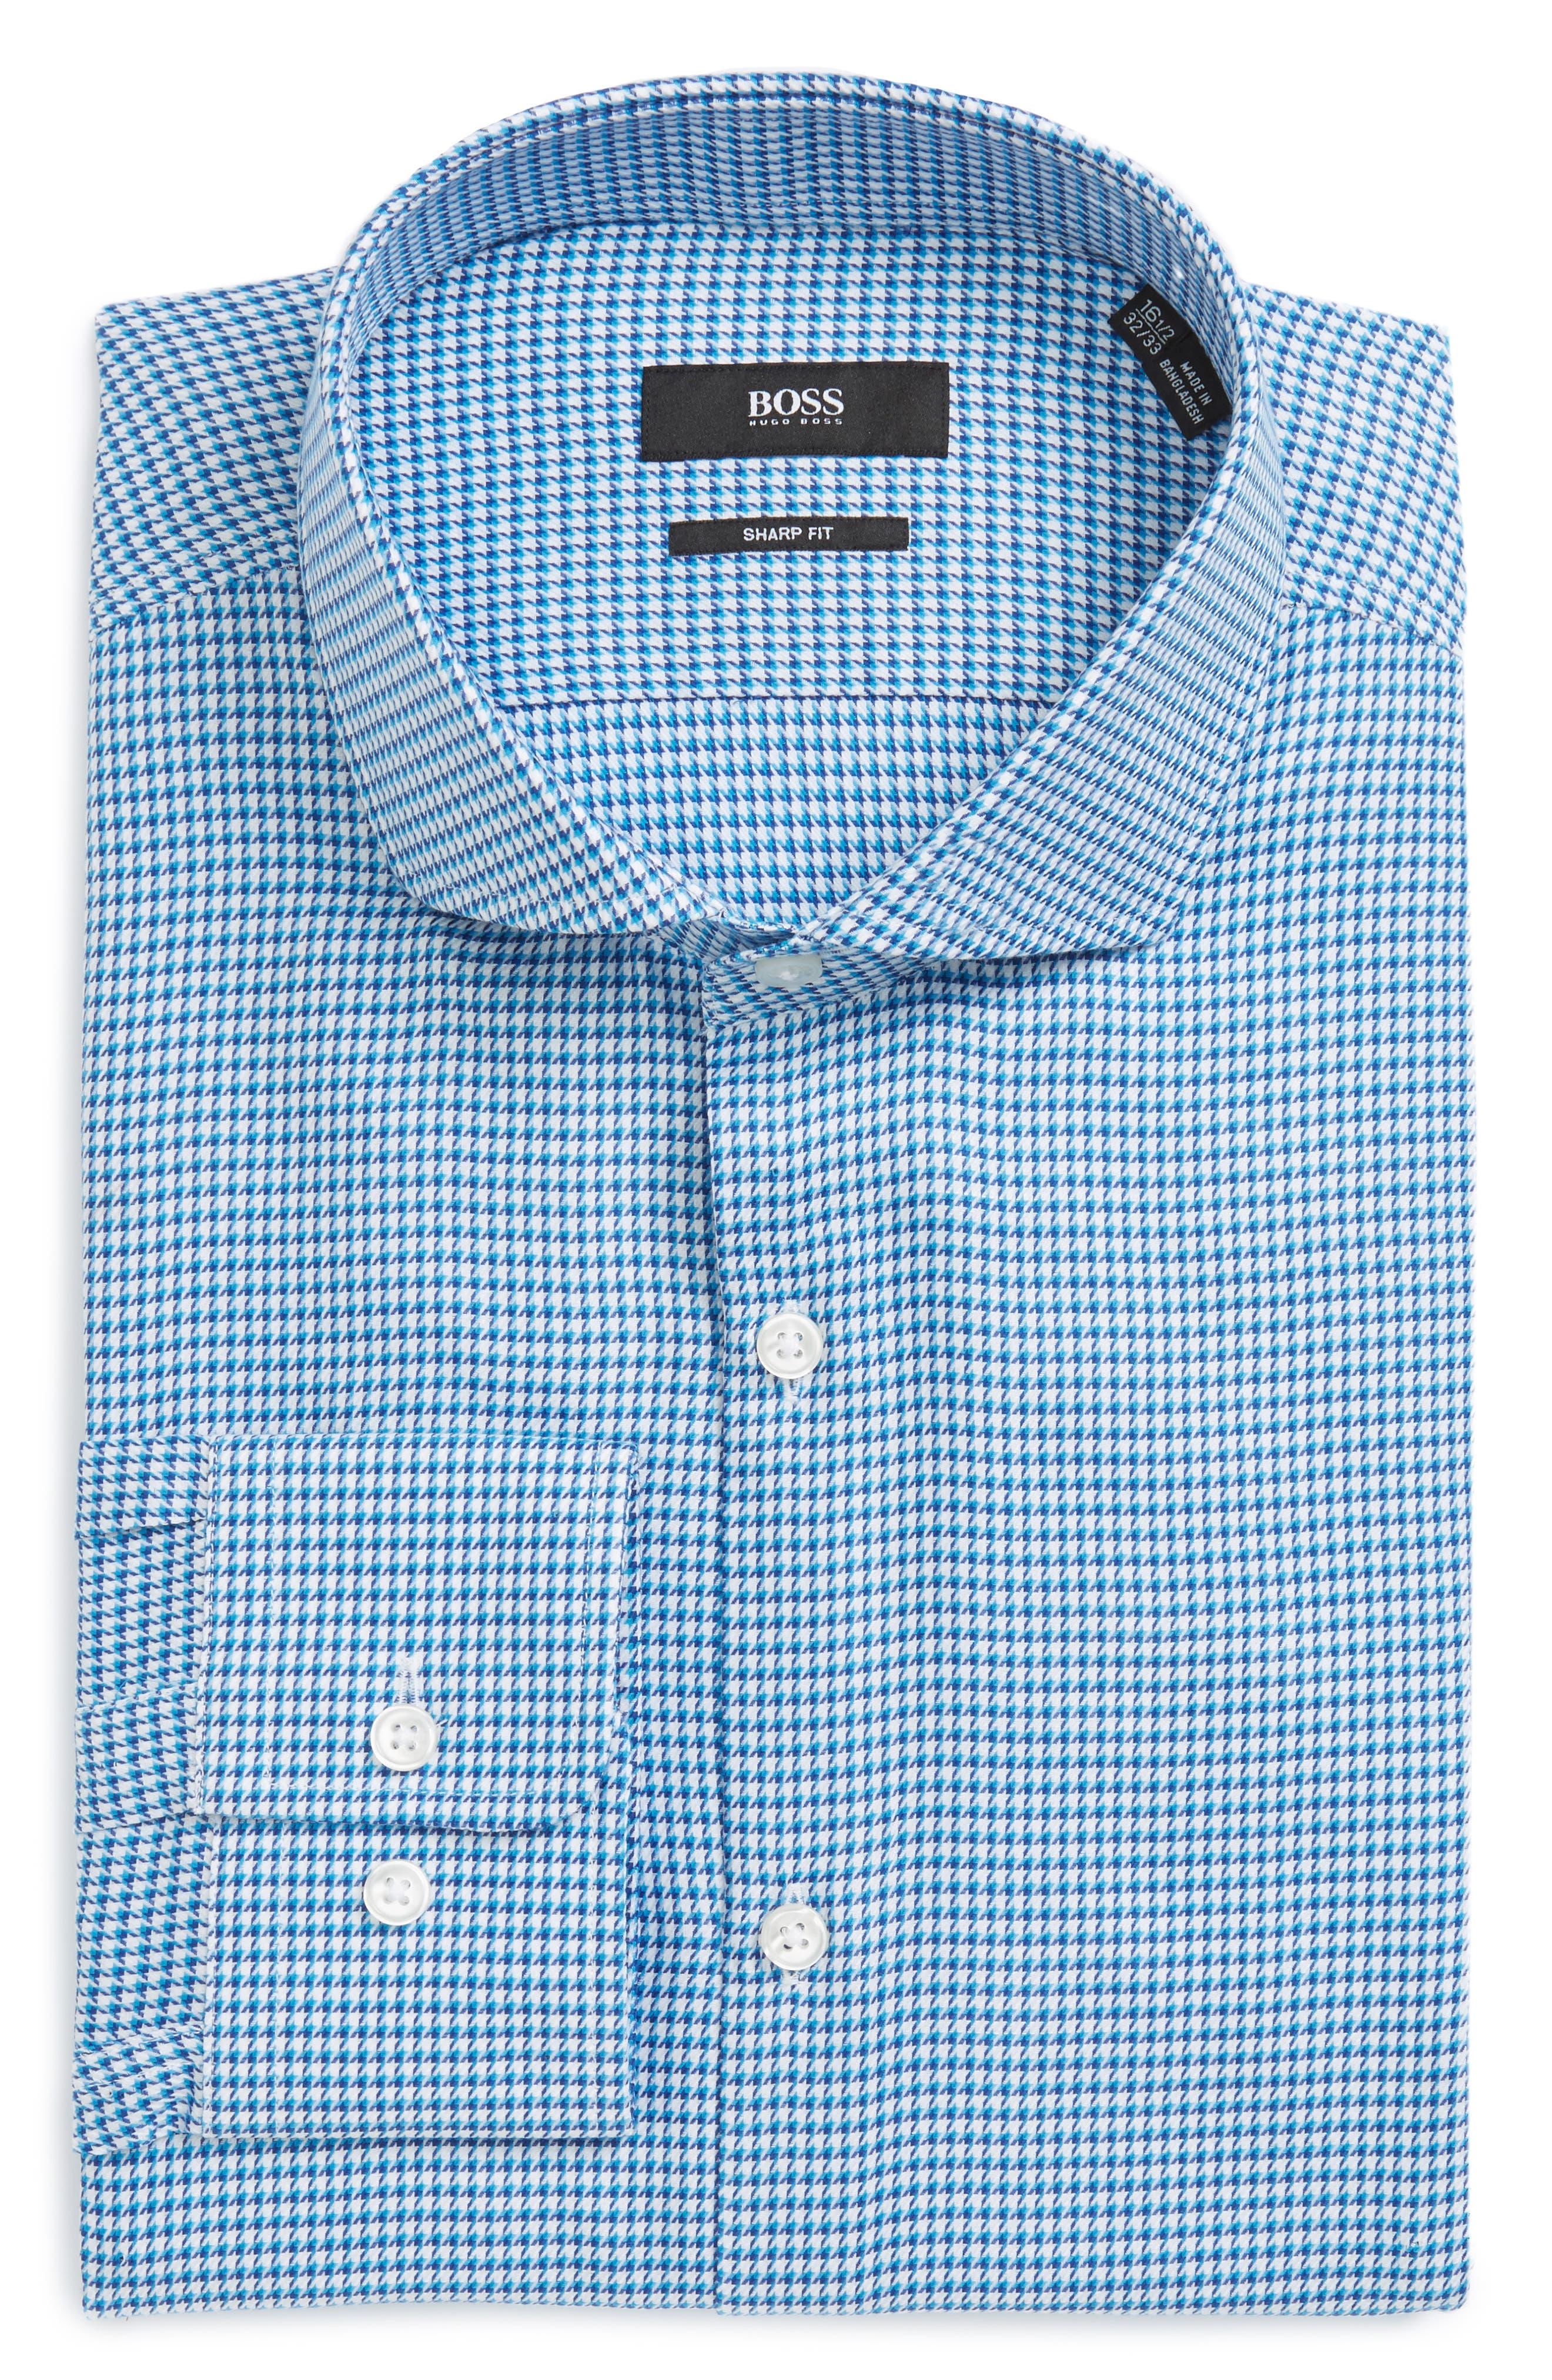 Main Image - BOSS Mark Sharp Fit Houndstooth Dress Shirt